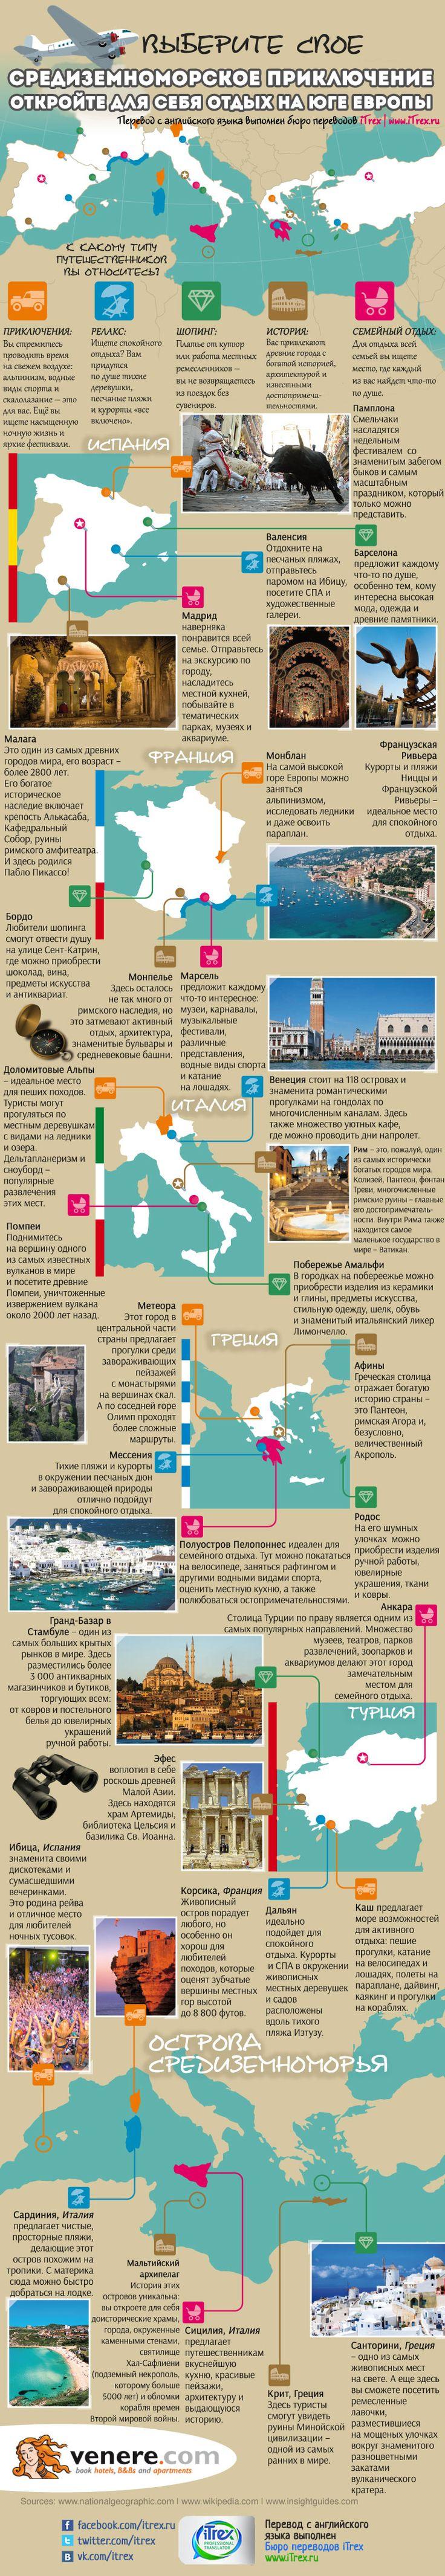 К путешествию готовы? А куда едем? Предлагаем перевод инфографики о юге Европы. На ваш выбор )) http://itrex.ru/news/sredizemnomorskoe_prikluchenie